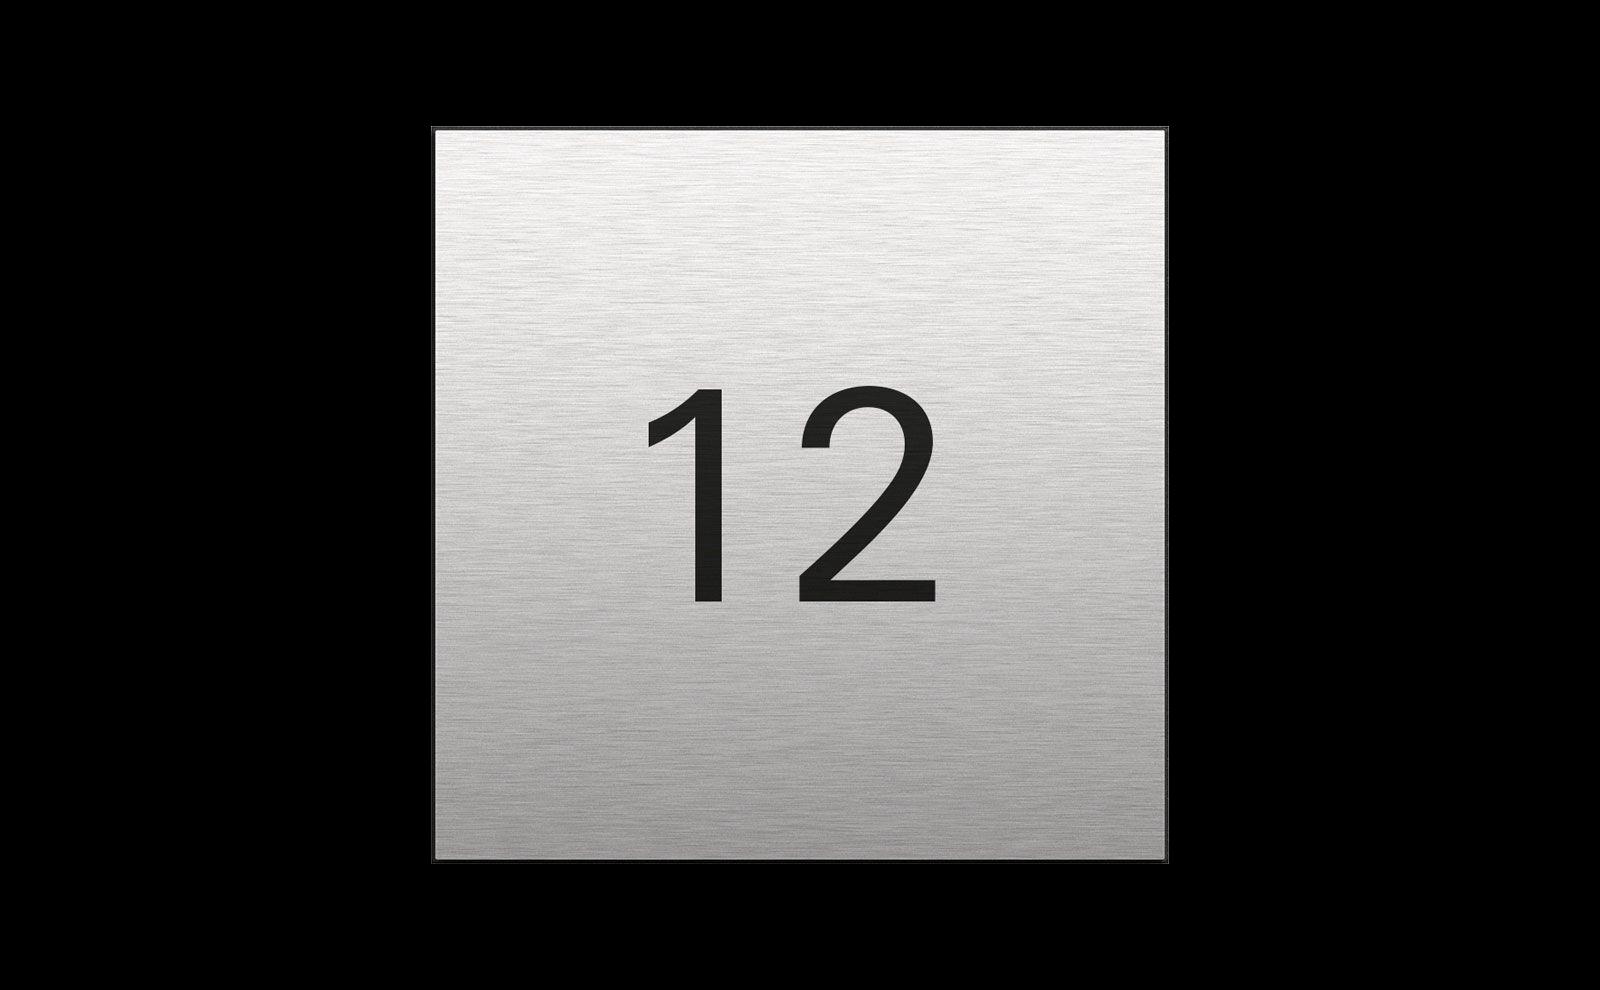 Gira System 106, Farbe Edelstahl, Infomodul mit Hausnummer